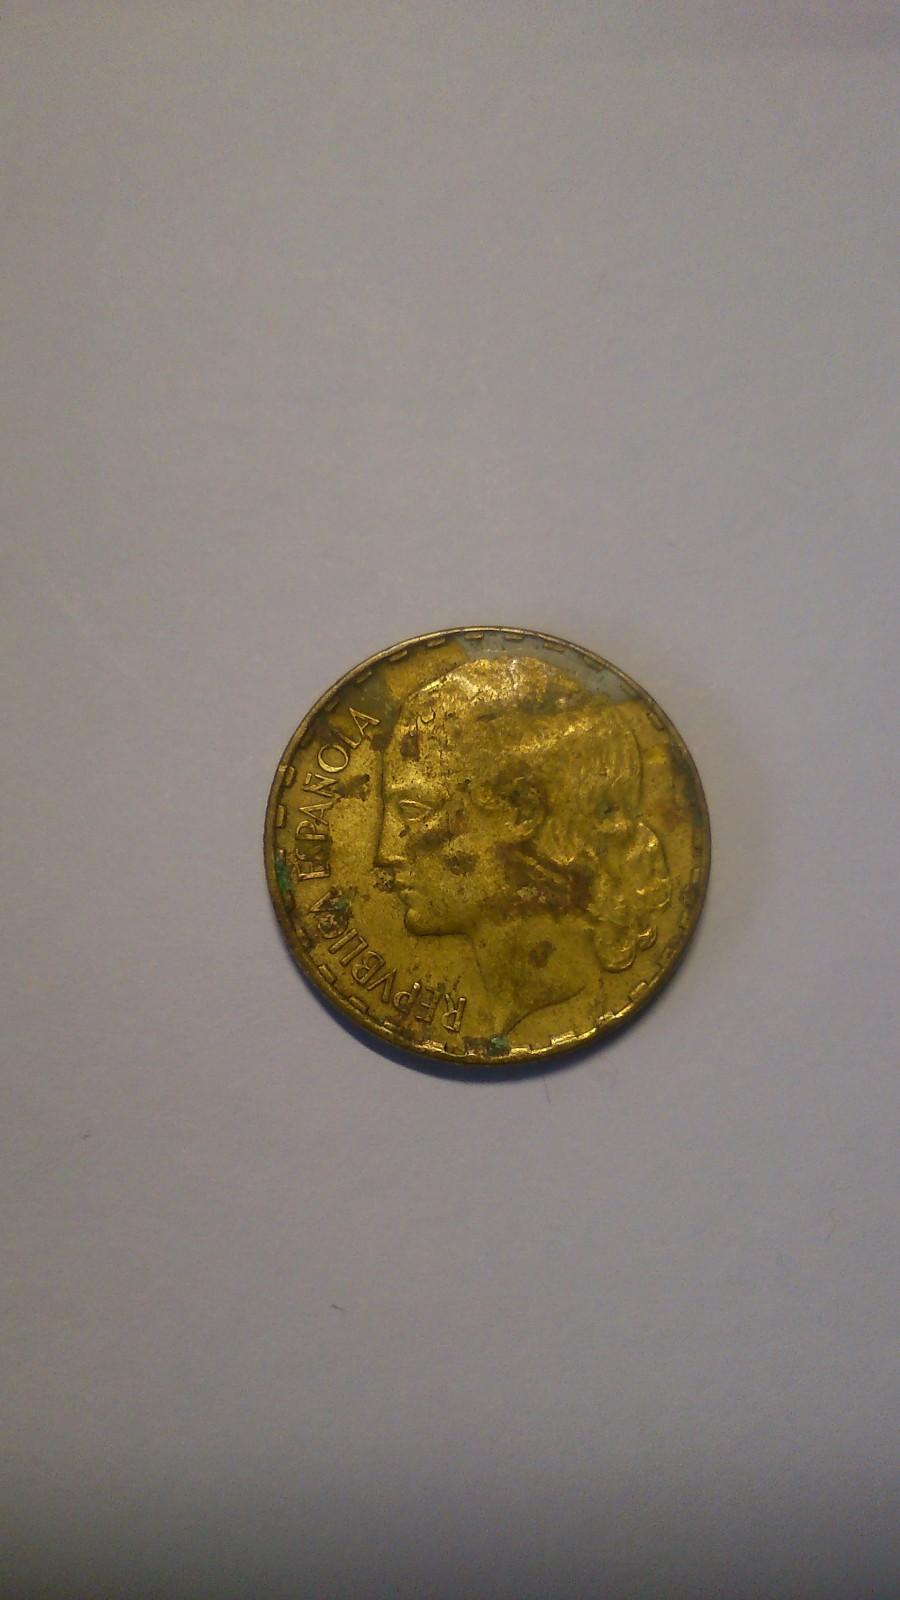 Limpieza de moneda de 1pta. de 1937 (II Rep. Española) 2vuy6vc